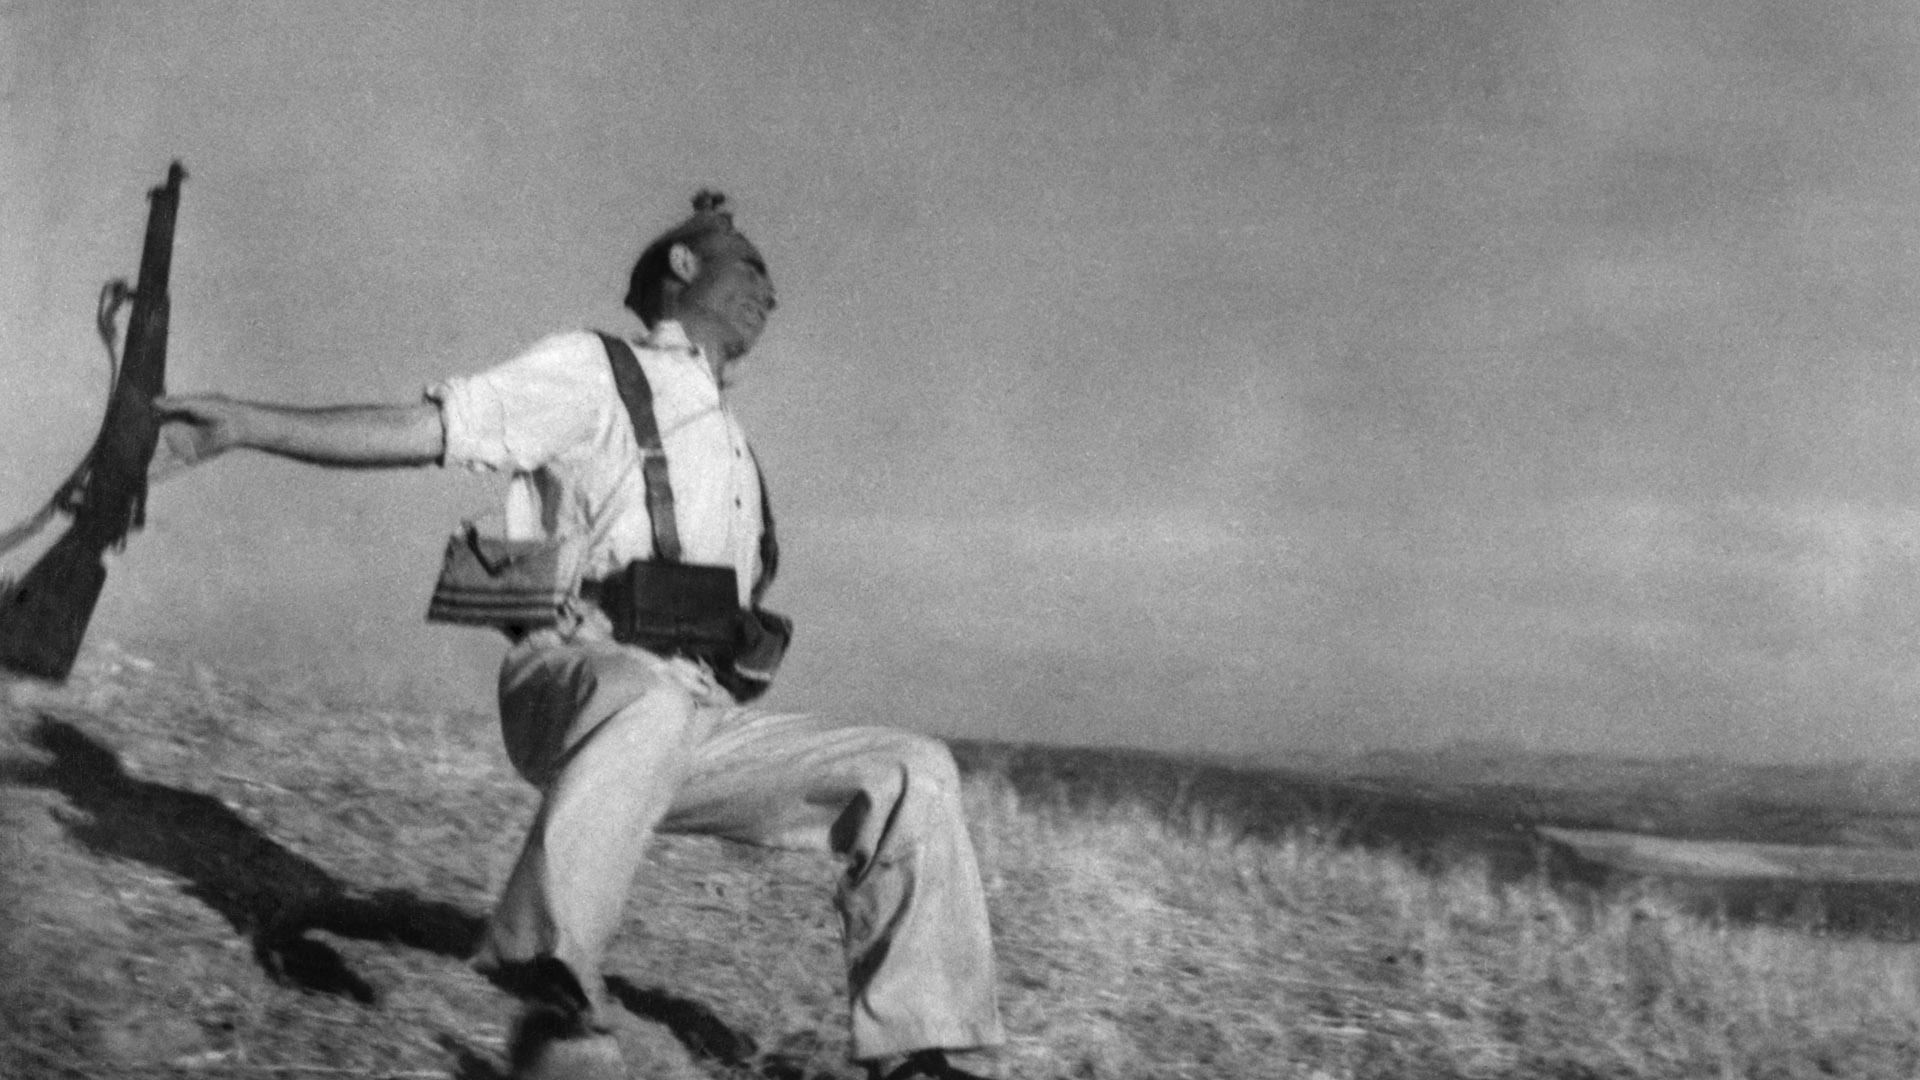 Esta fotografía del miliciano anarquista Federico Borrell García cayendo al suelo abatido por un disparo en la Guerra Civil Española es una de las imágenes más icónicas del siglo XX (Robert Capa)